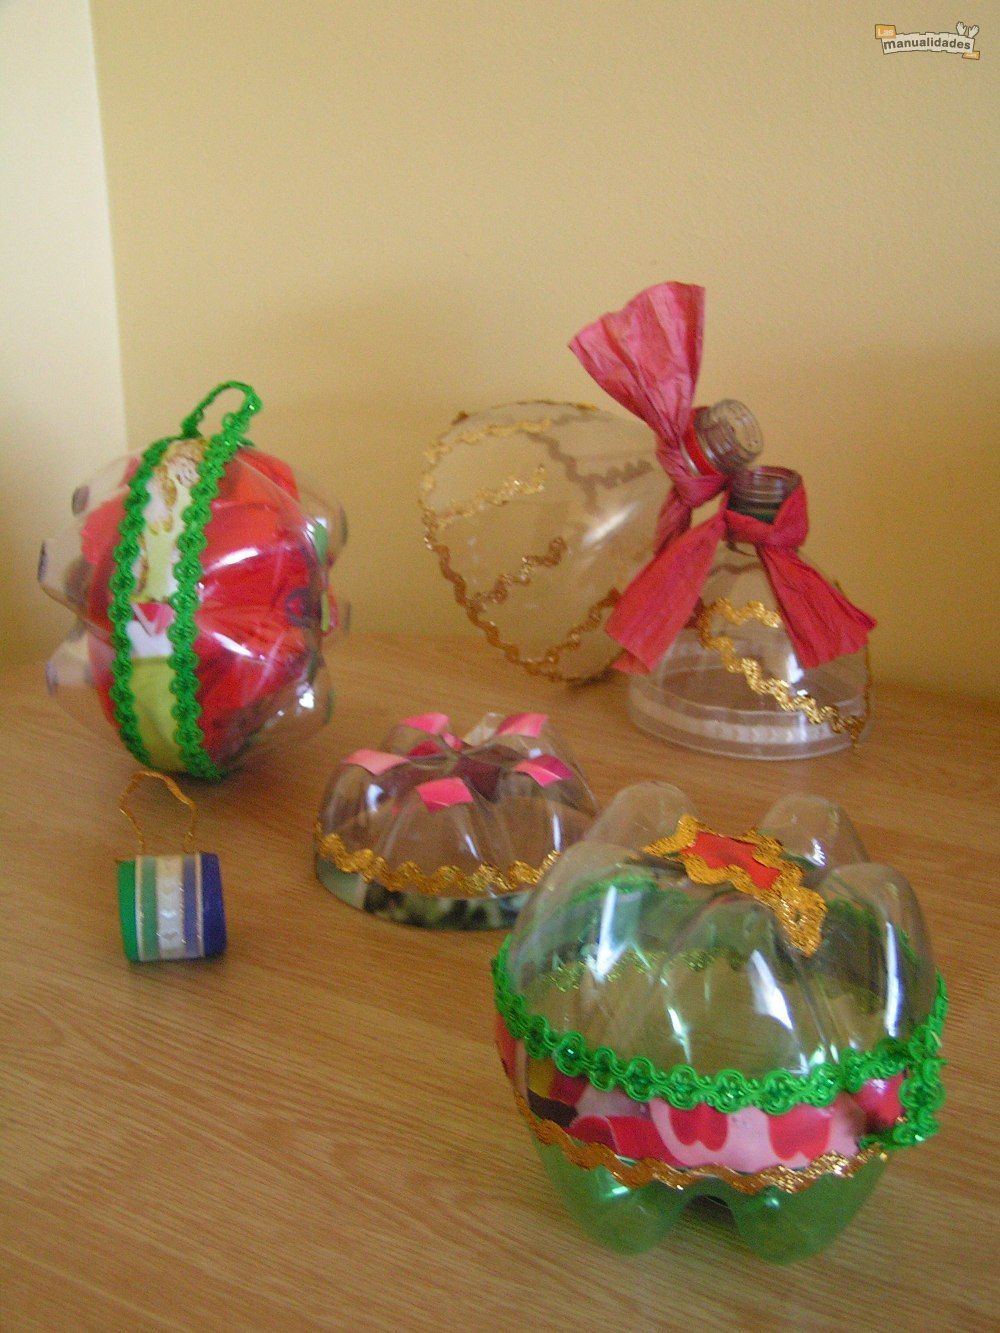 adornos navide os hechos con botellas por roxana ForAdornos Navidenos Hechos Con Botellas Plasticas